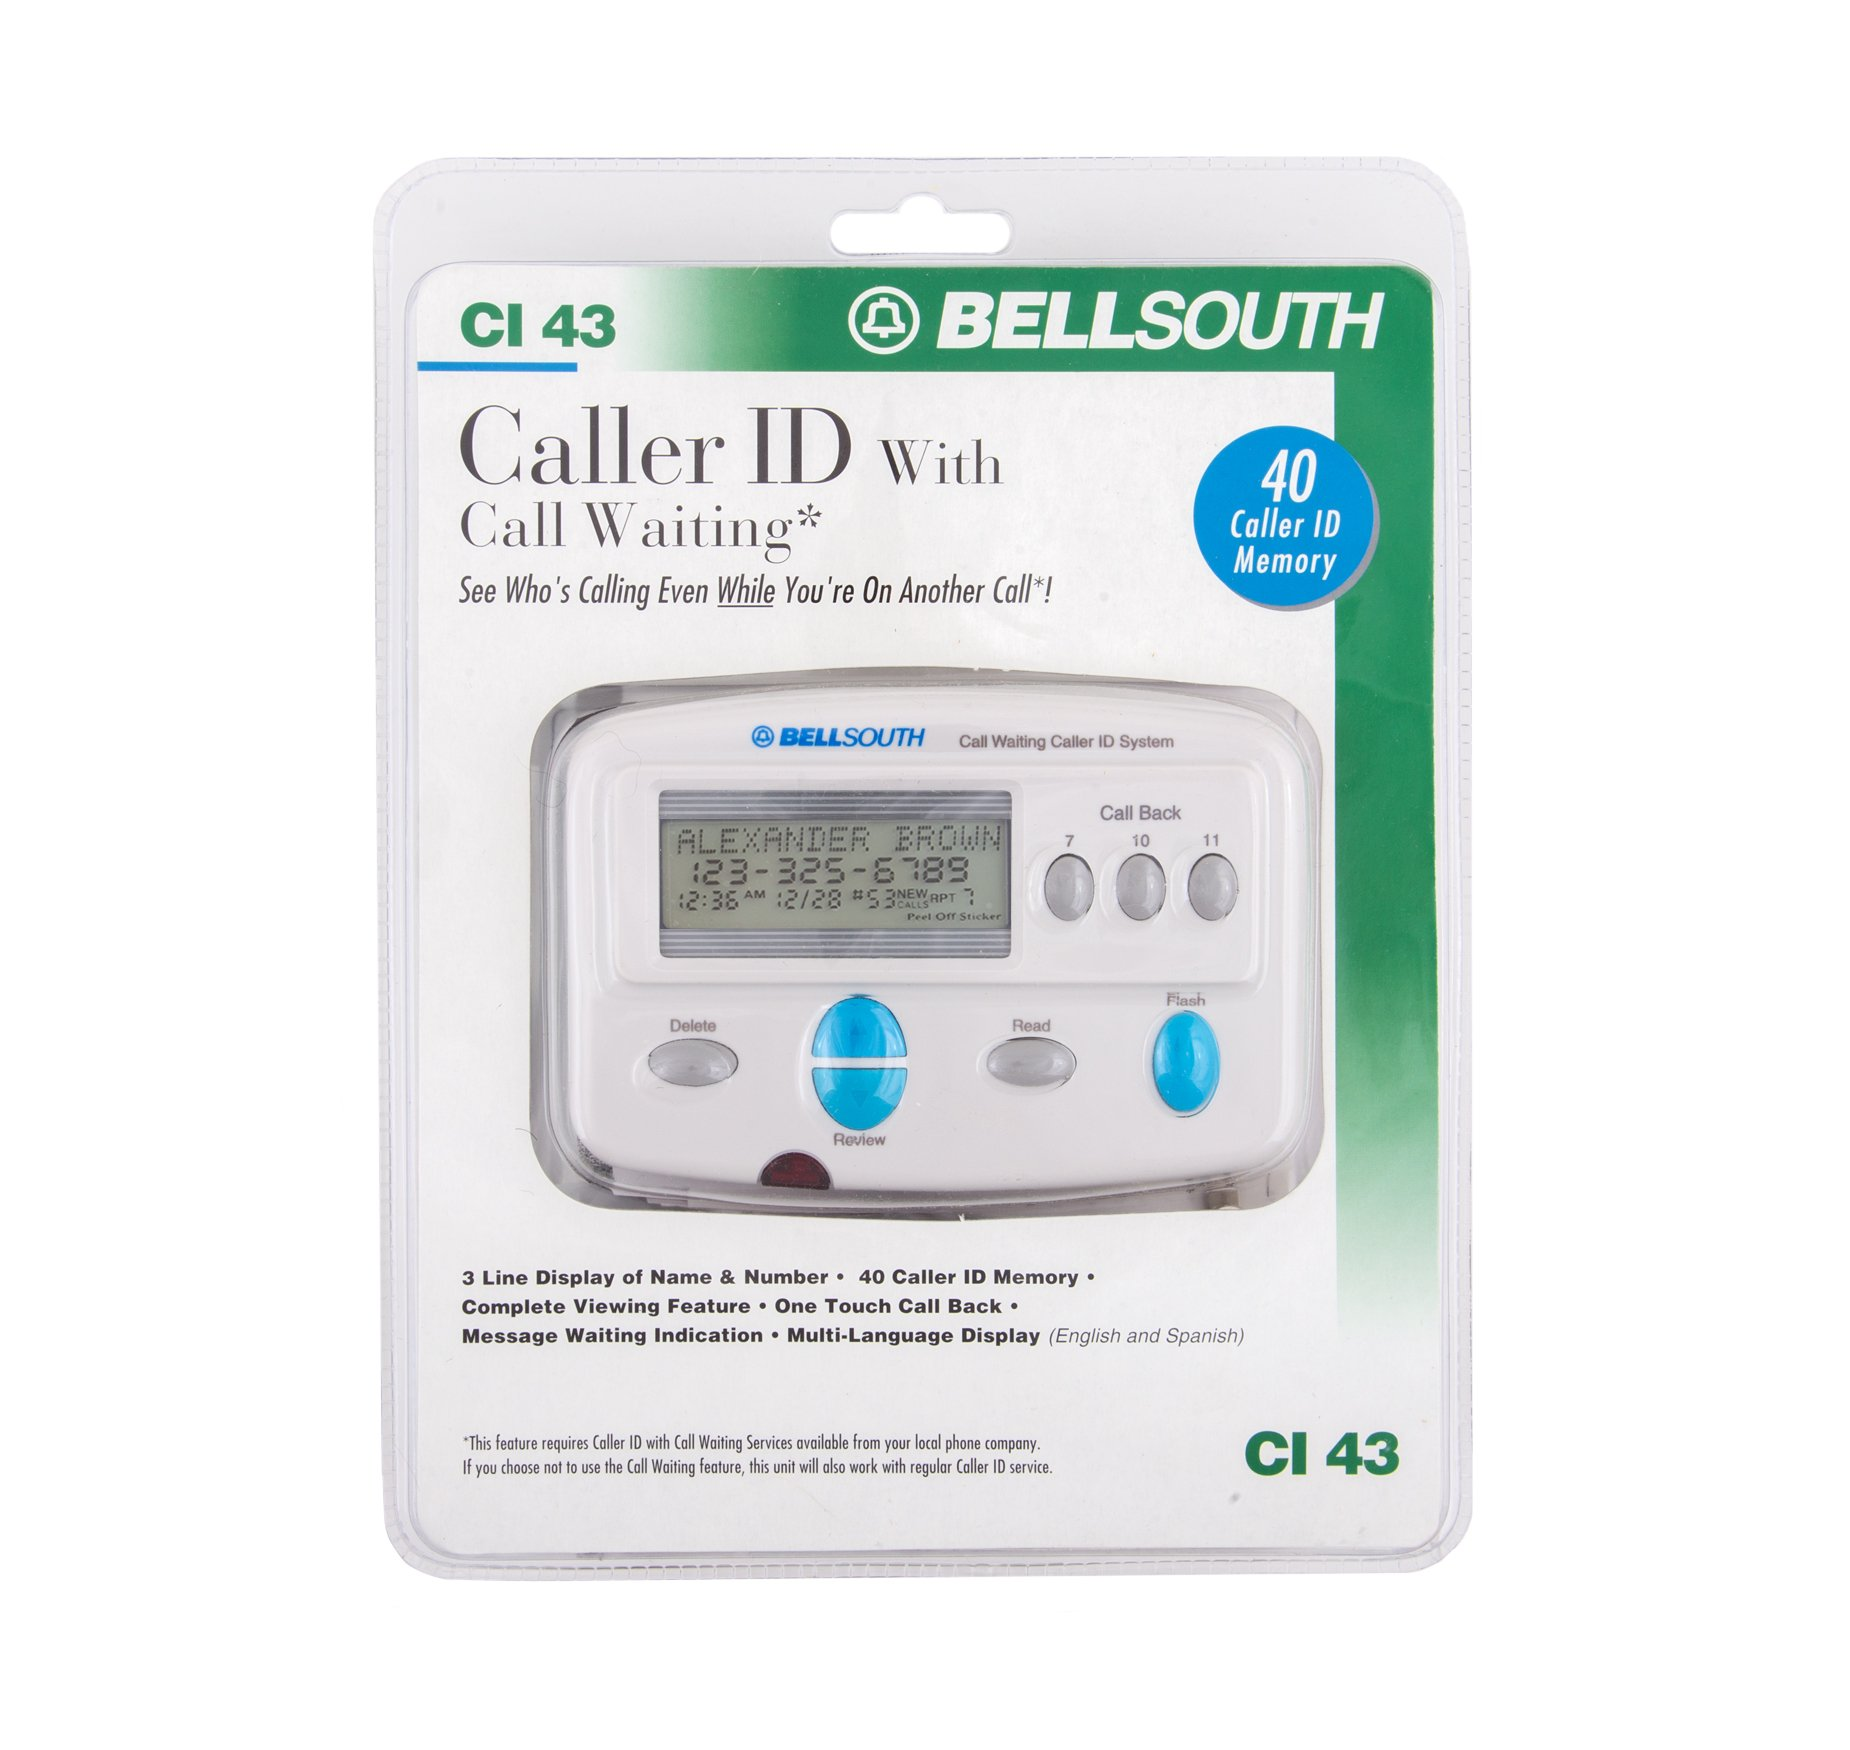 Bellsouth Caller Waiting CI 43